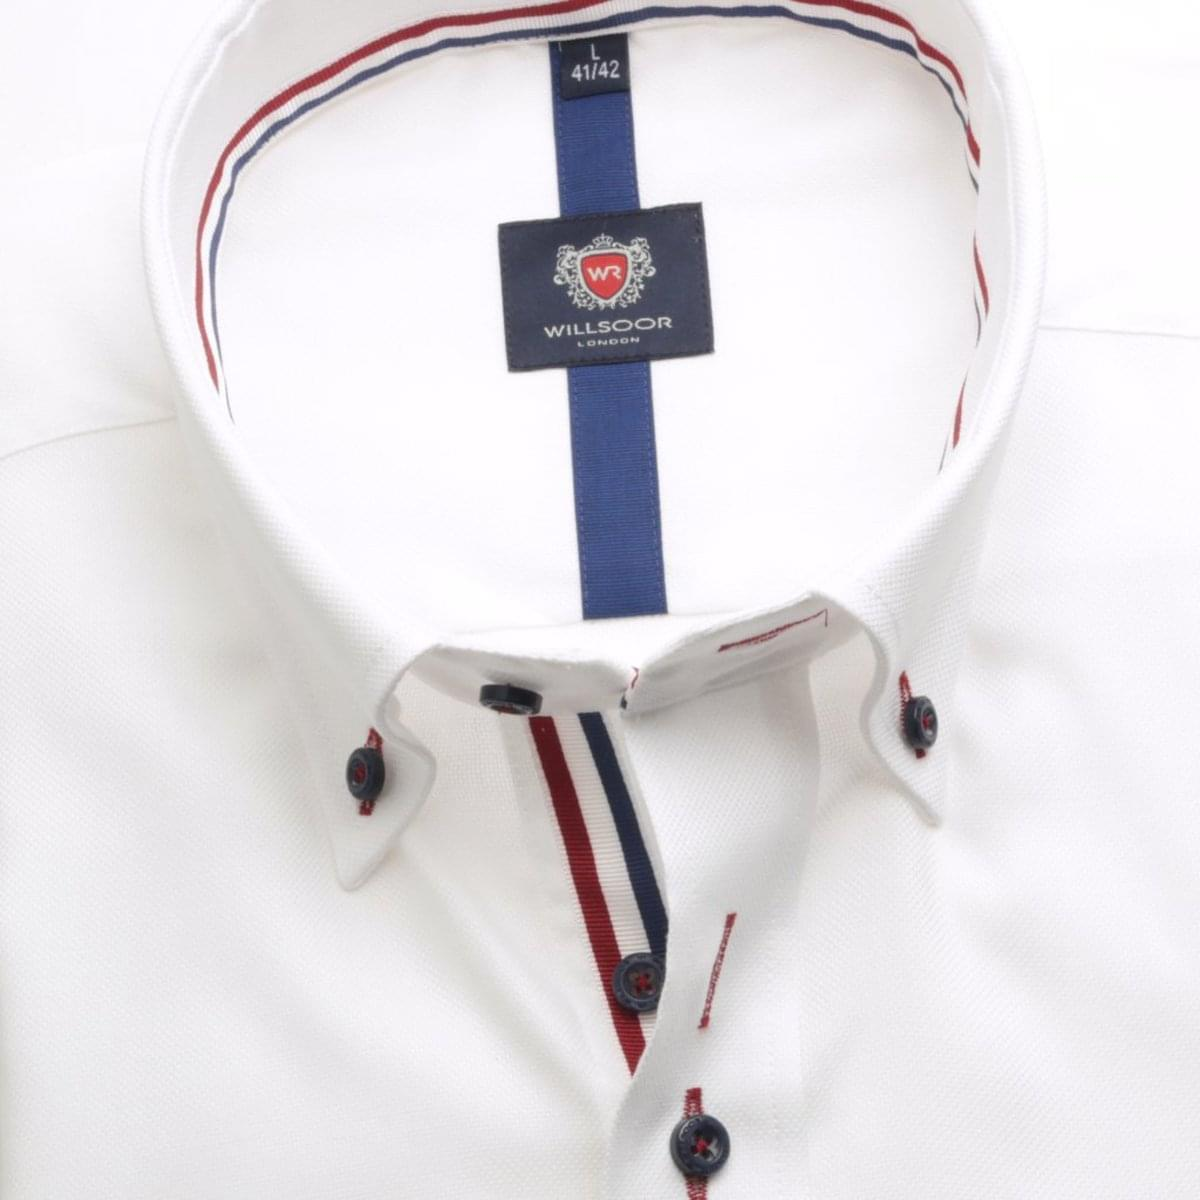 Pánská košile WR London v bílé barvě (výška 176-182) 5274 176-182 / XL (43/44)